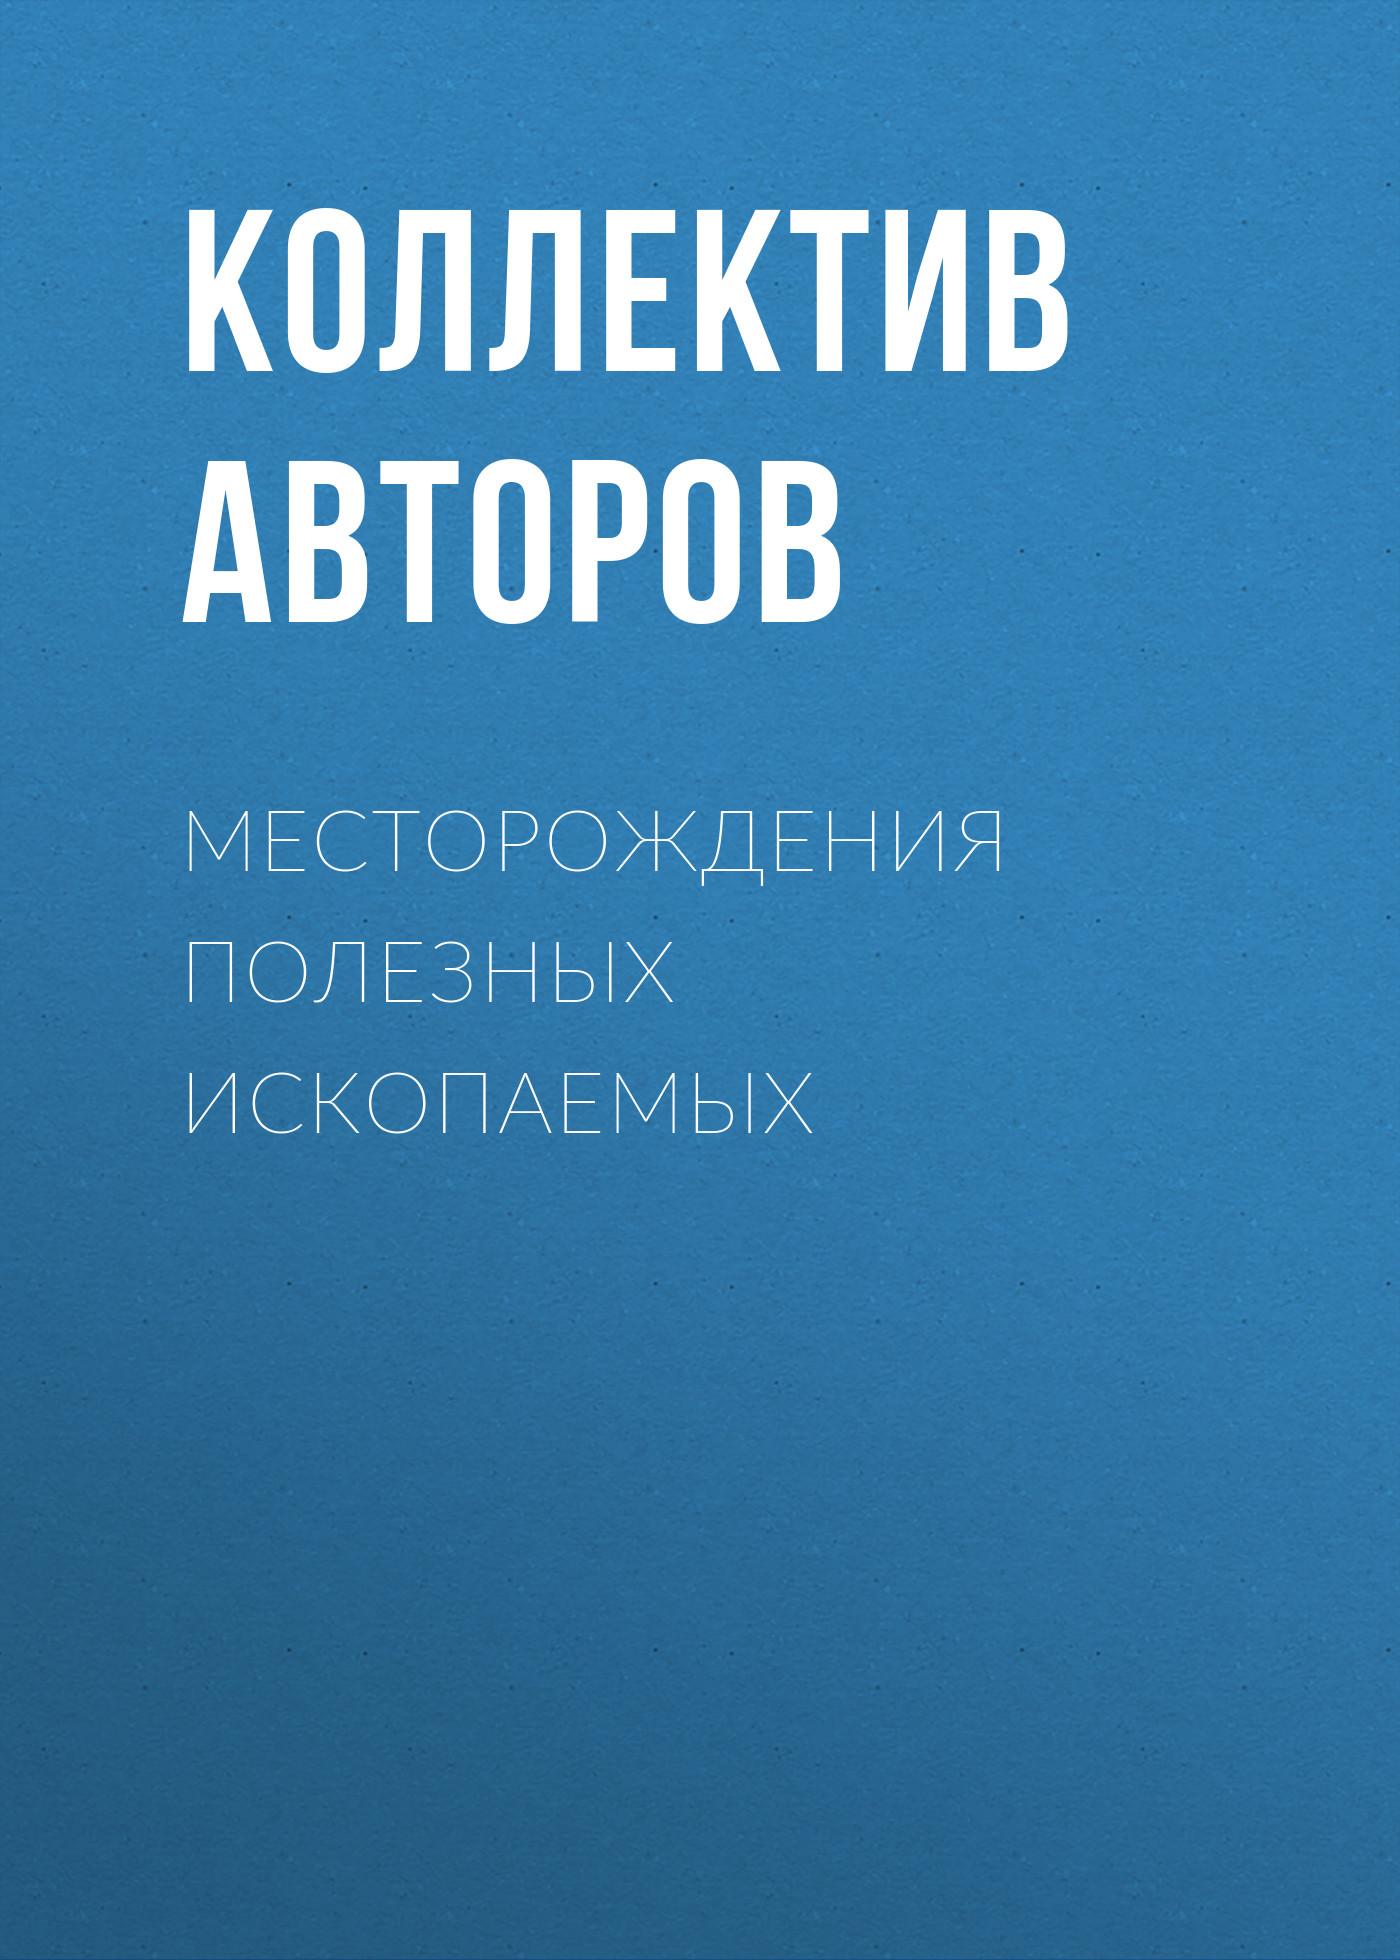 Коллектив авторов Месторождения полезных ископаемых